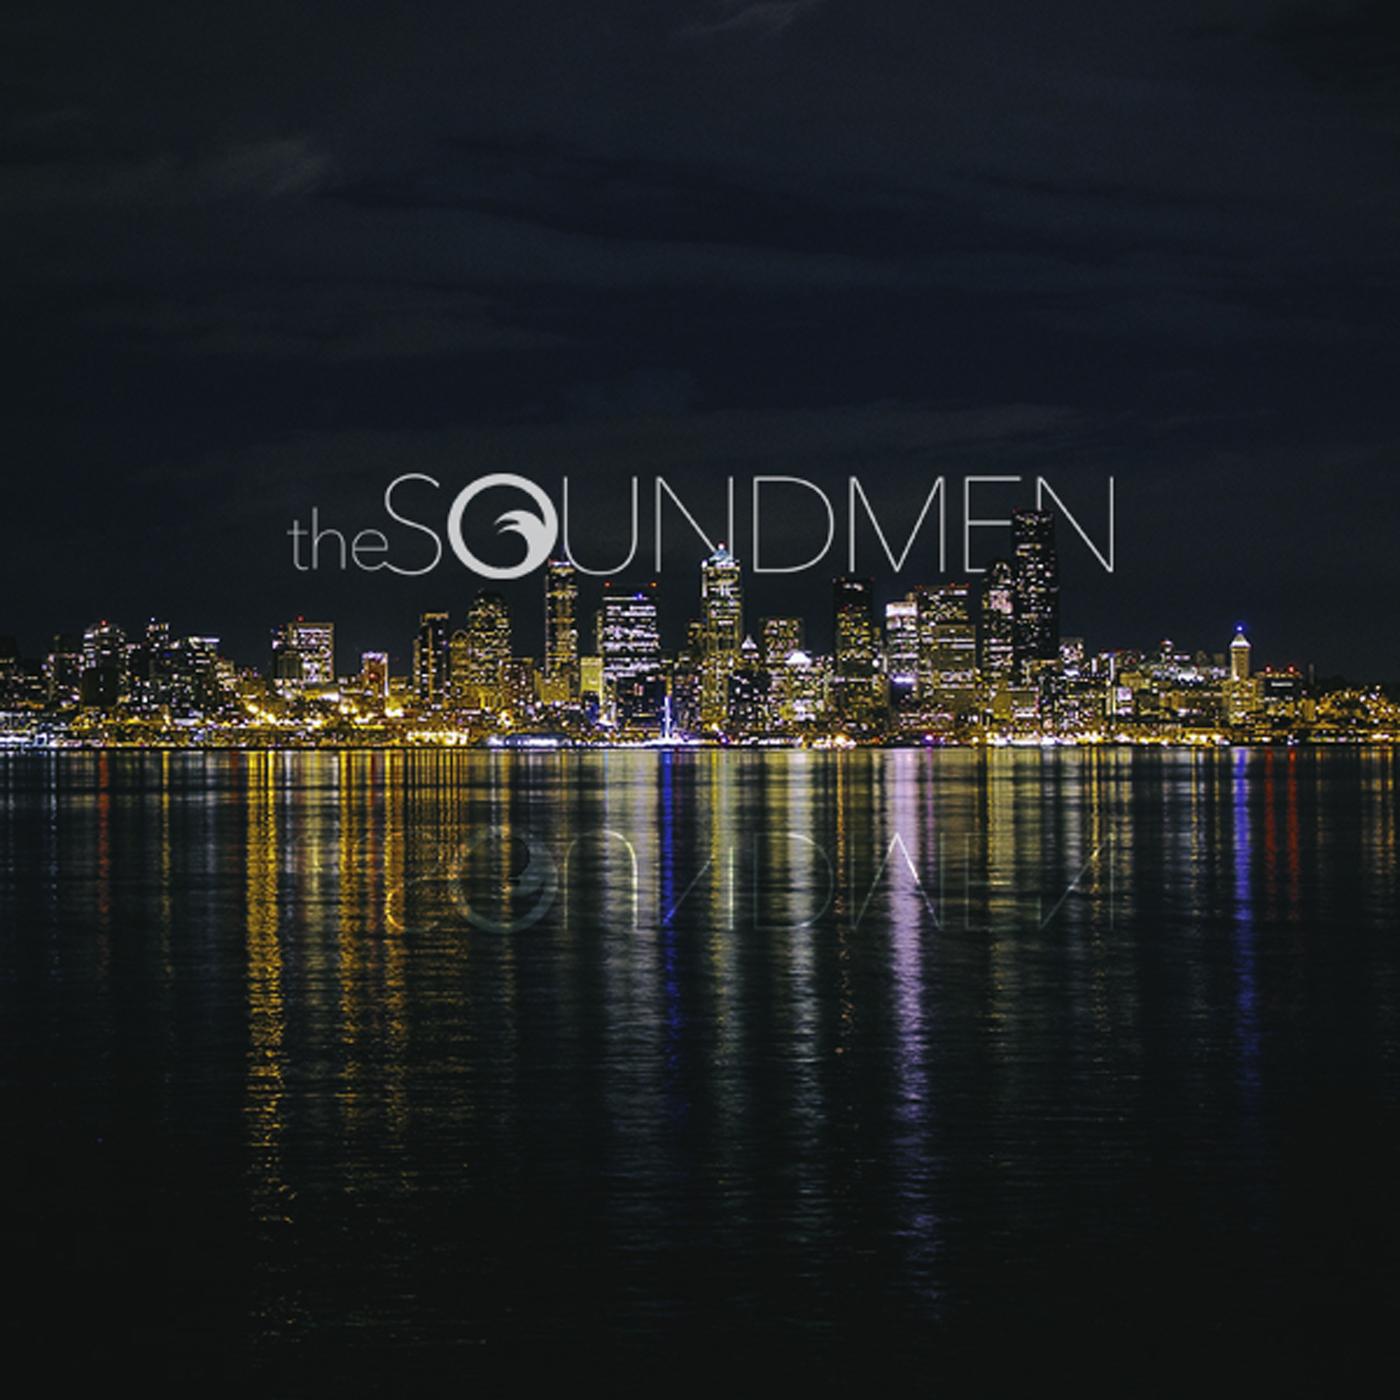 Soundmen_EP_FINAL 1400x1400